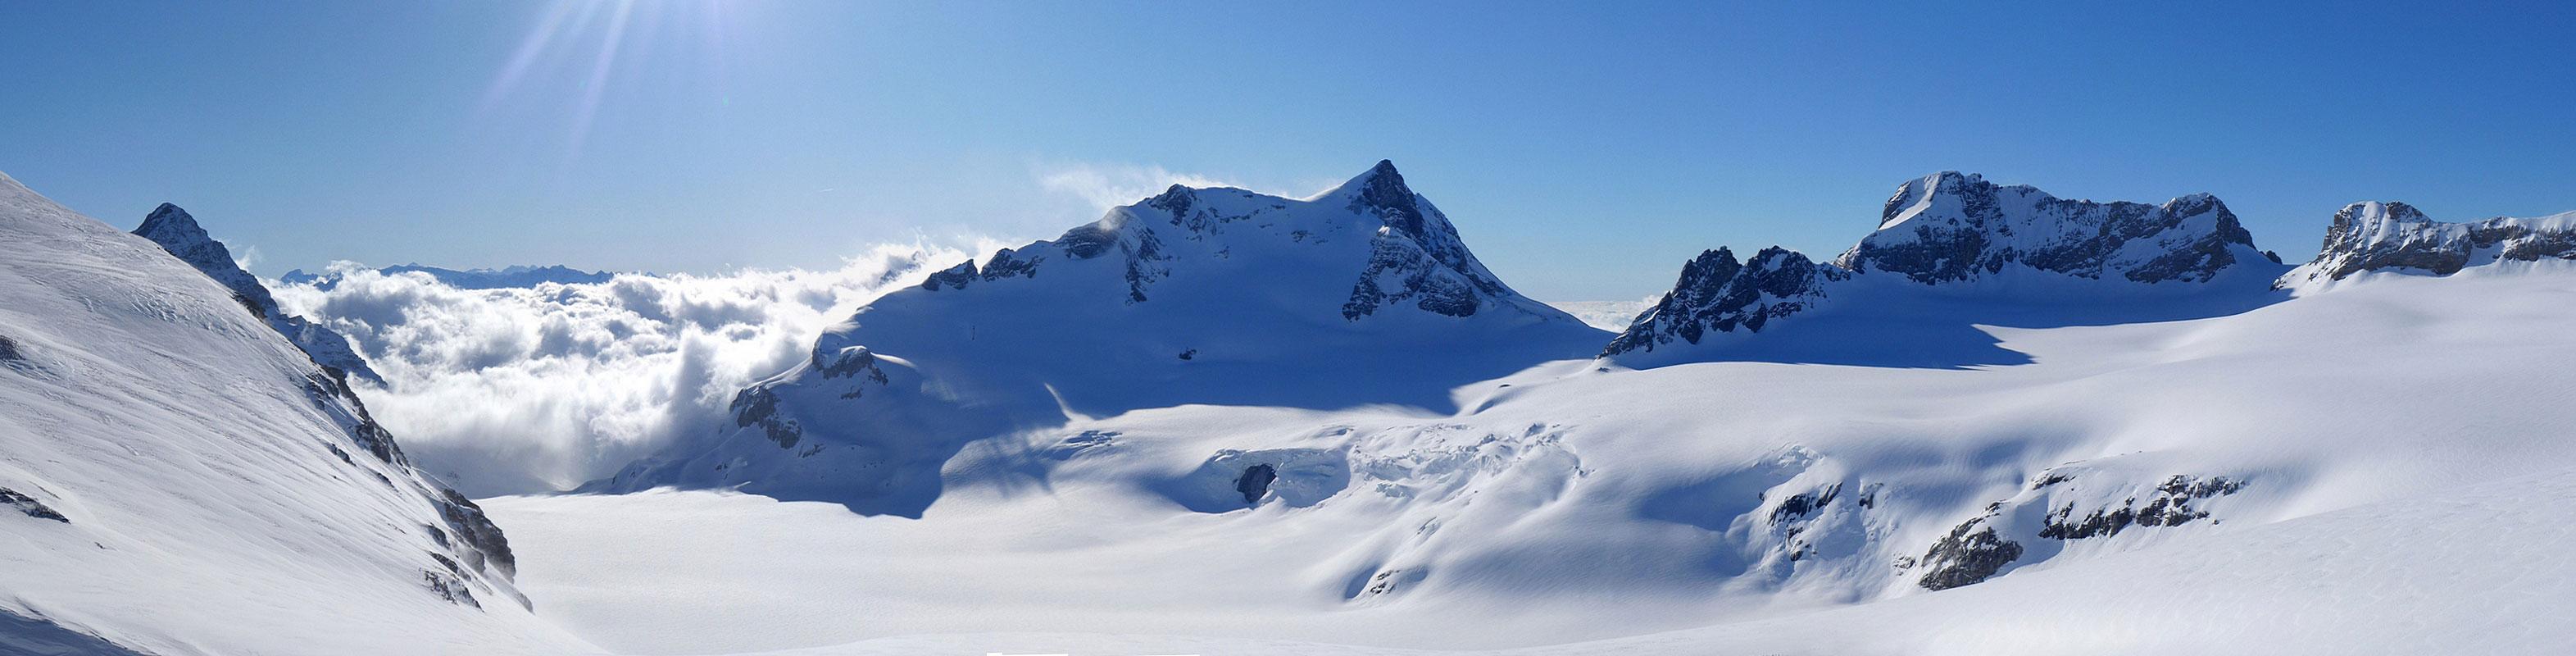 Gross Schärhorn Glarner Alpen Švýcarsko panorama 01